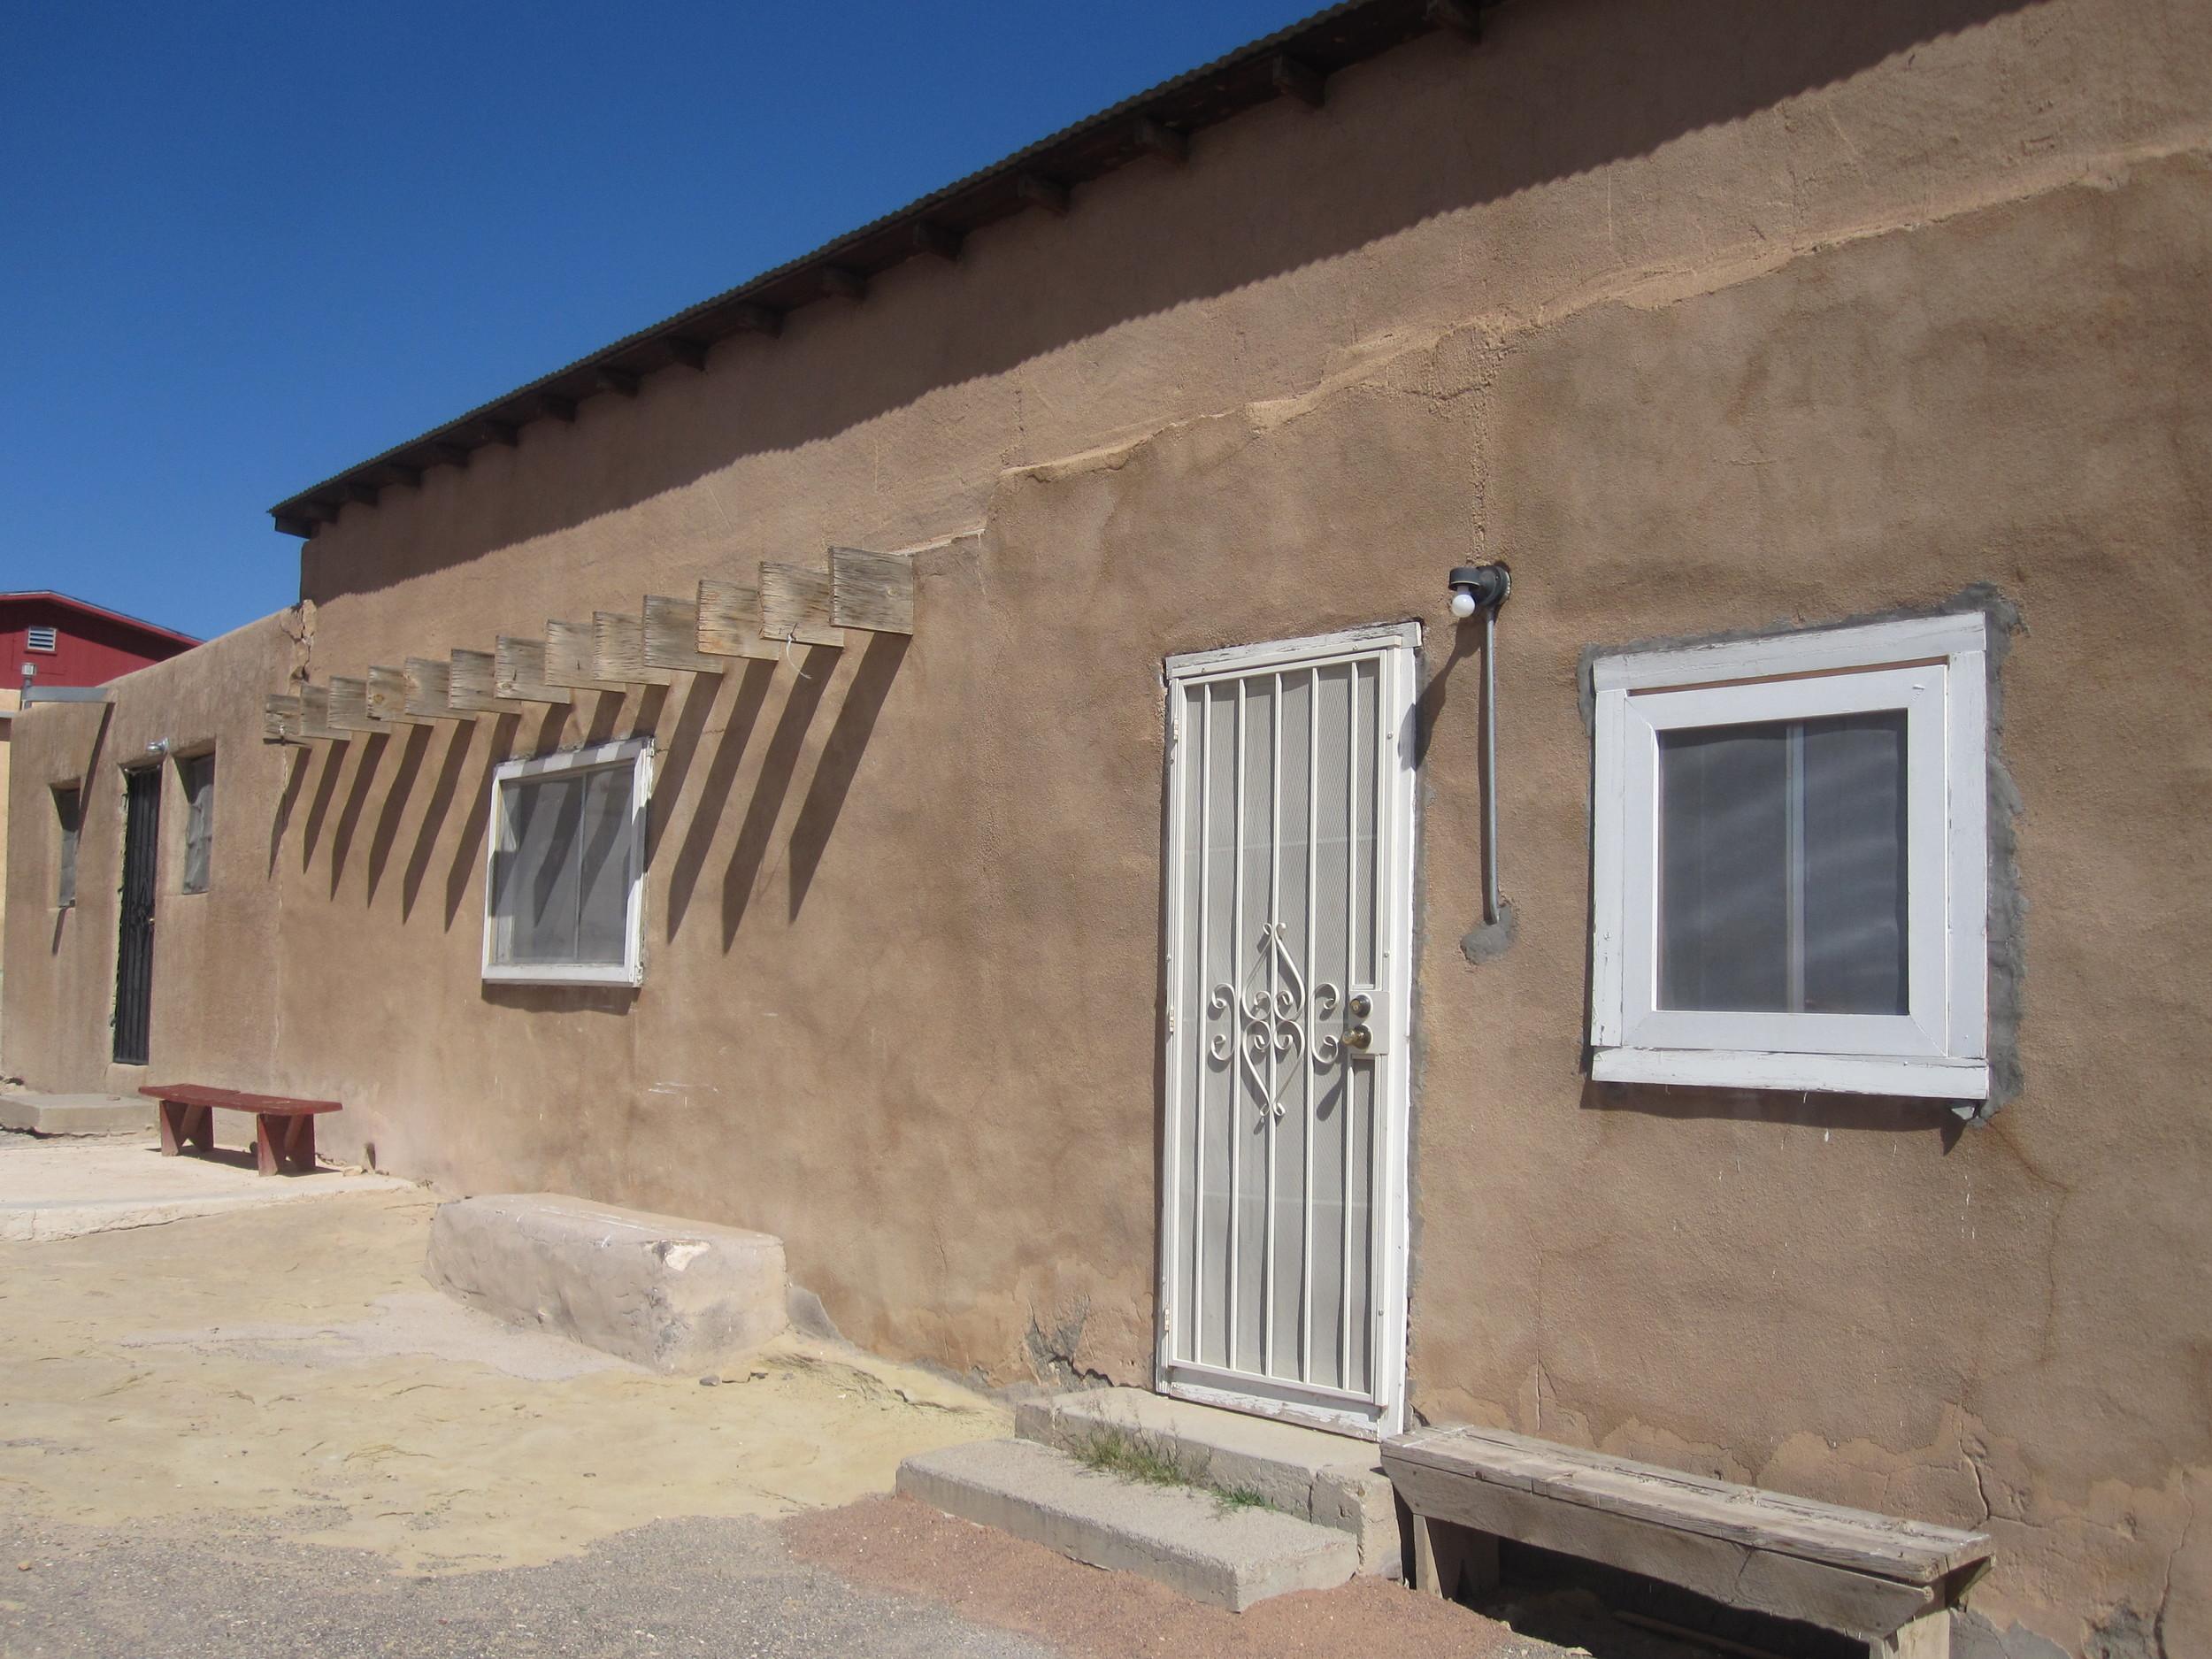 Adobe home at Laguna Pueblo